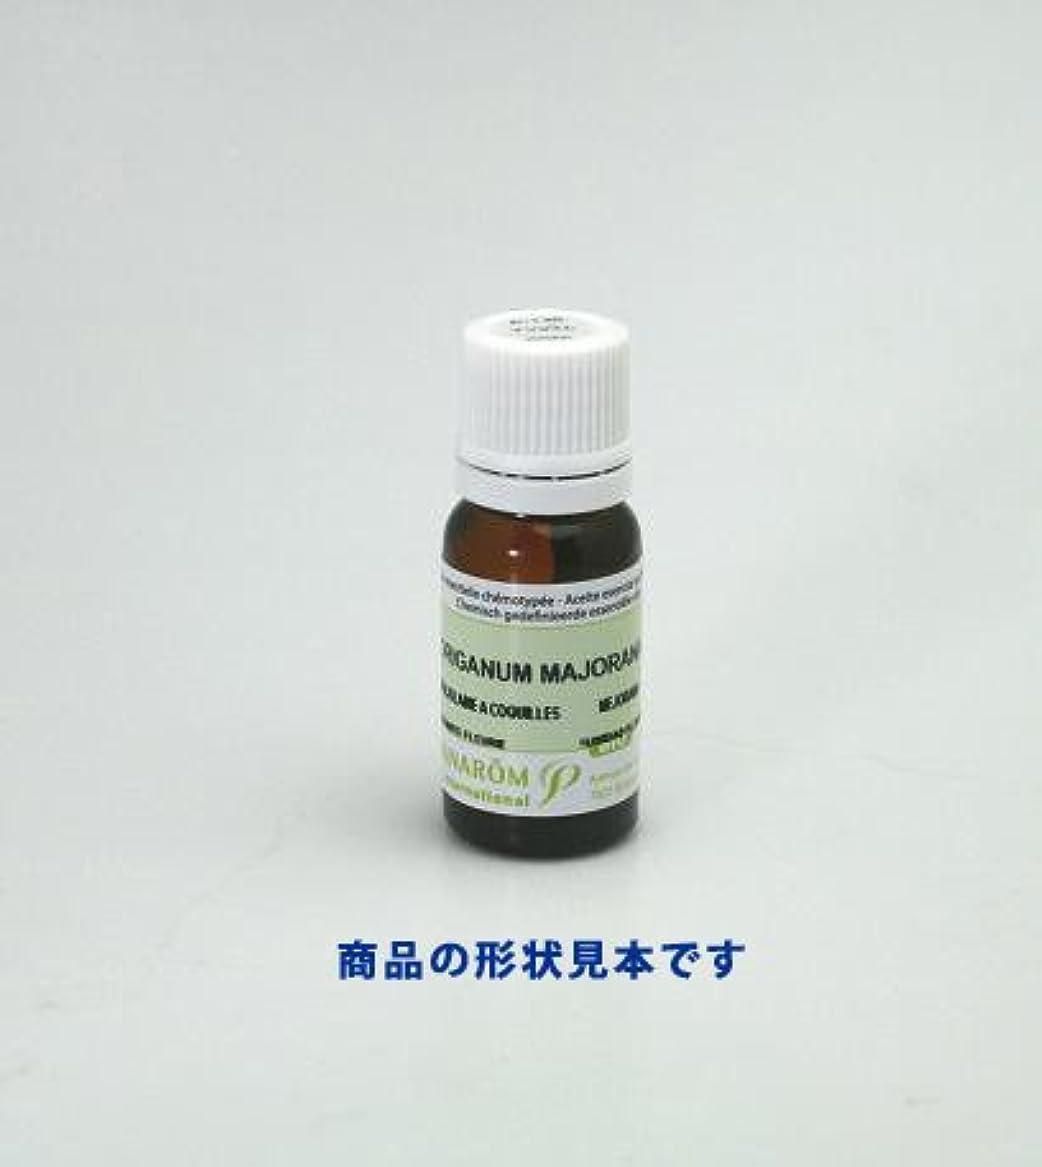 弾性支払うナチュラルプラナロム社製精油:P-157 ラヴィンツァラ(ラベンサラ)